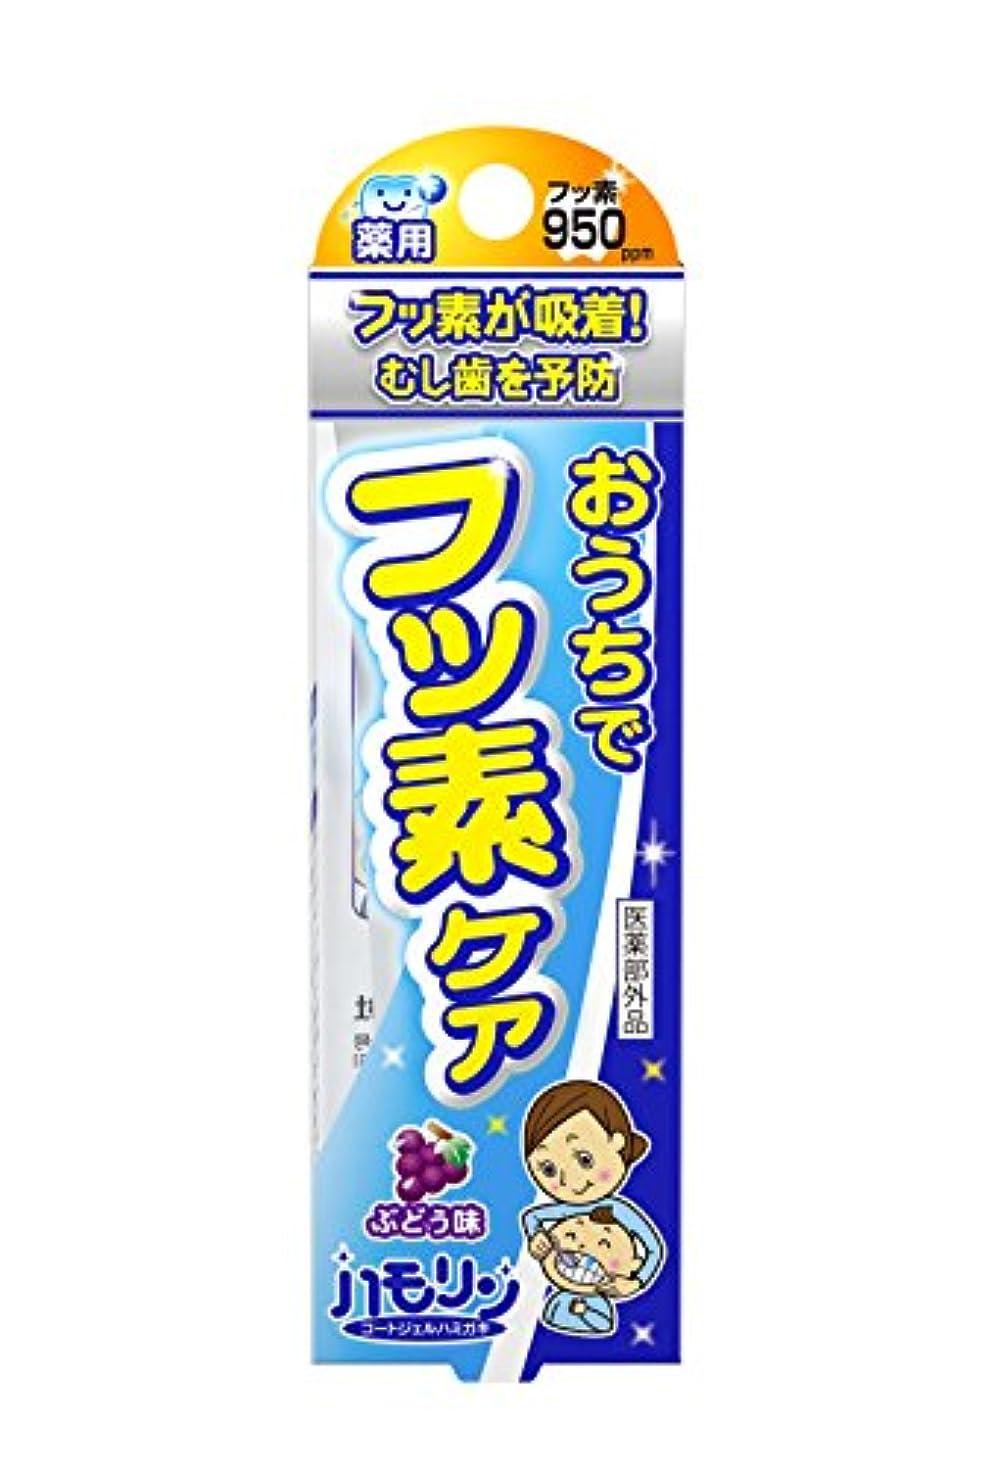 手段文化ライブハモリン コートジェルハミガキ ぶどう味 30g